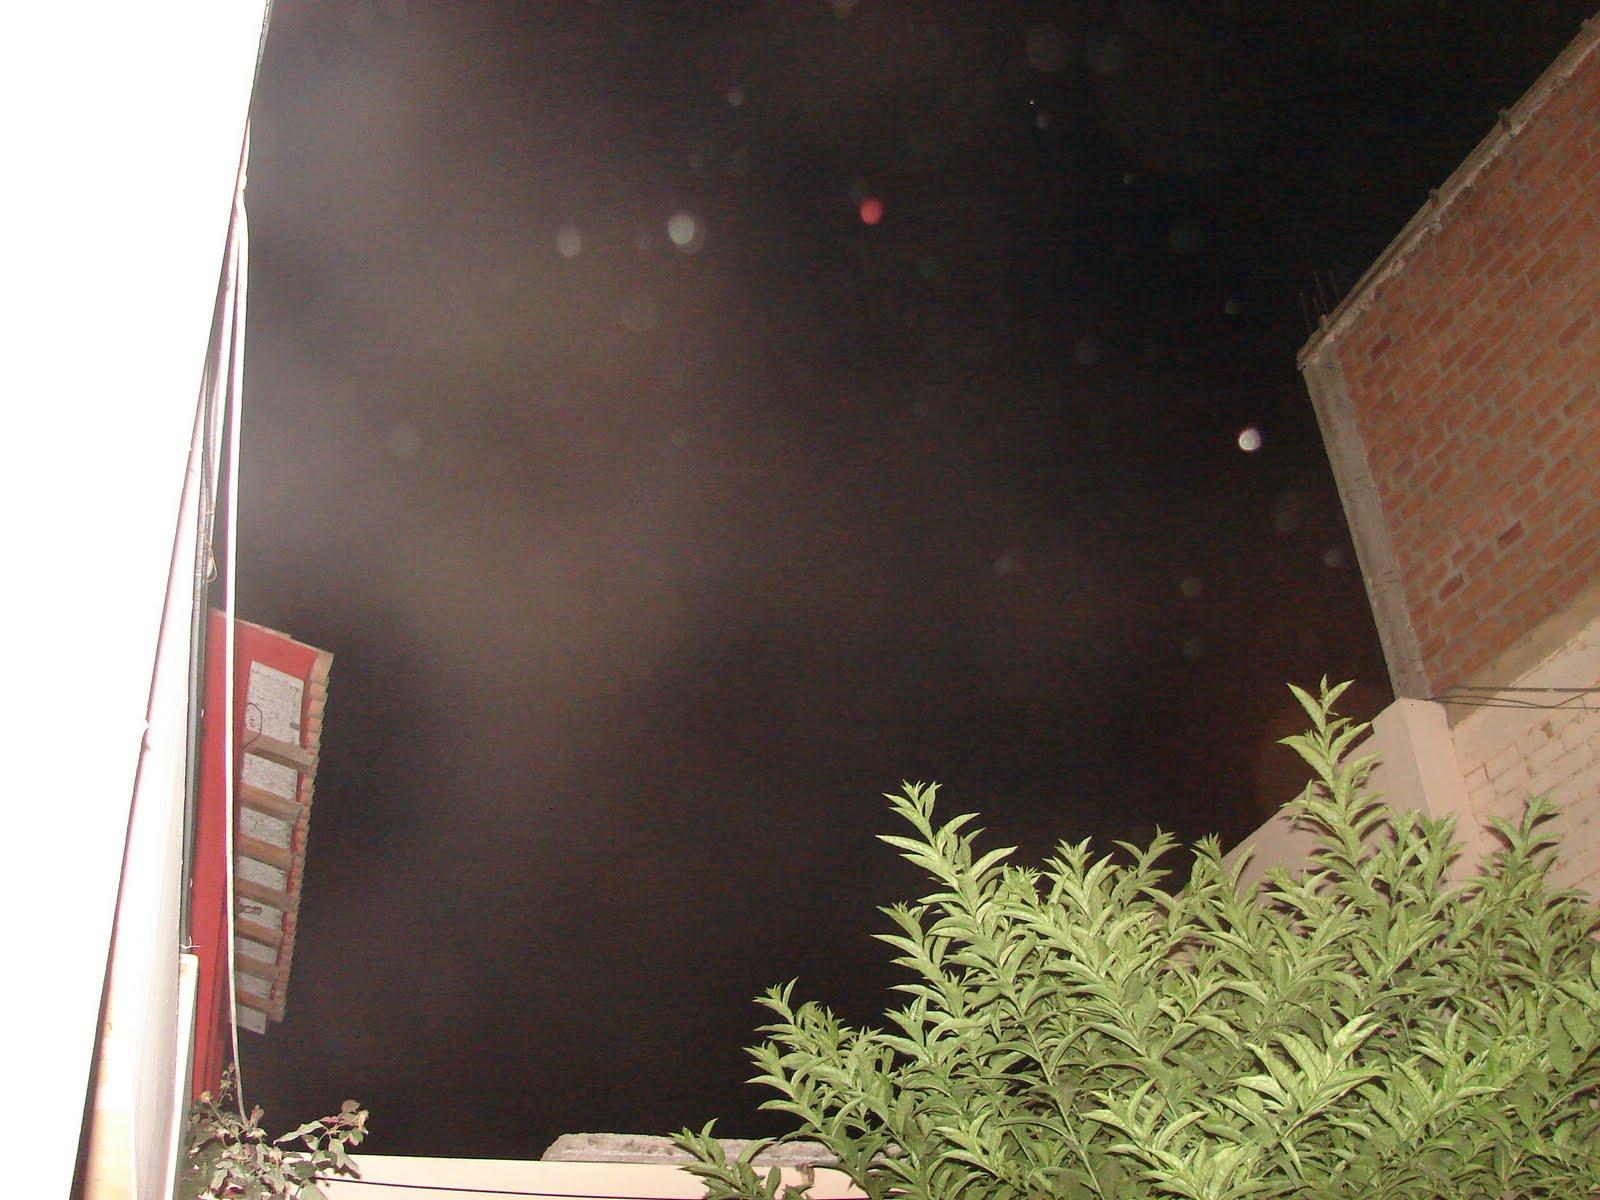 Atencion-1-octubre-2-3-4-5...2011..avistamiento ovni,estrella,roja,hopi,nibiru,ajenjo,huacho-sec-